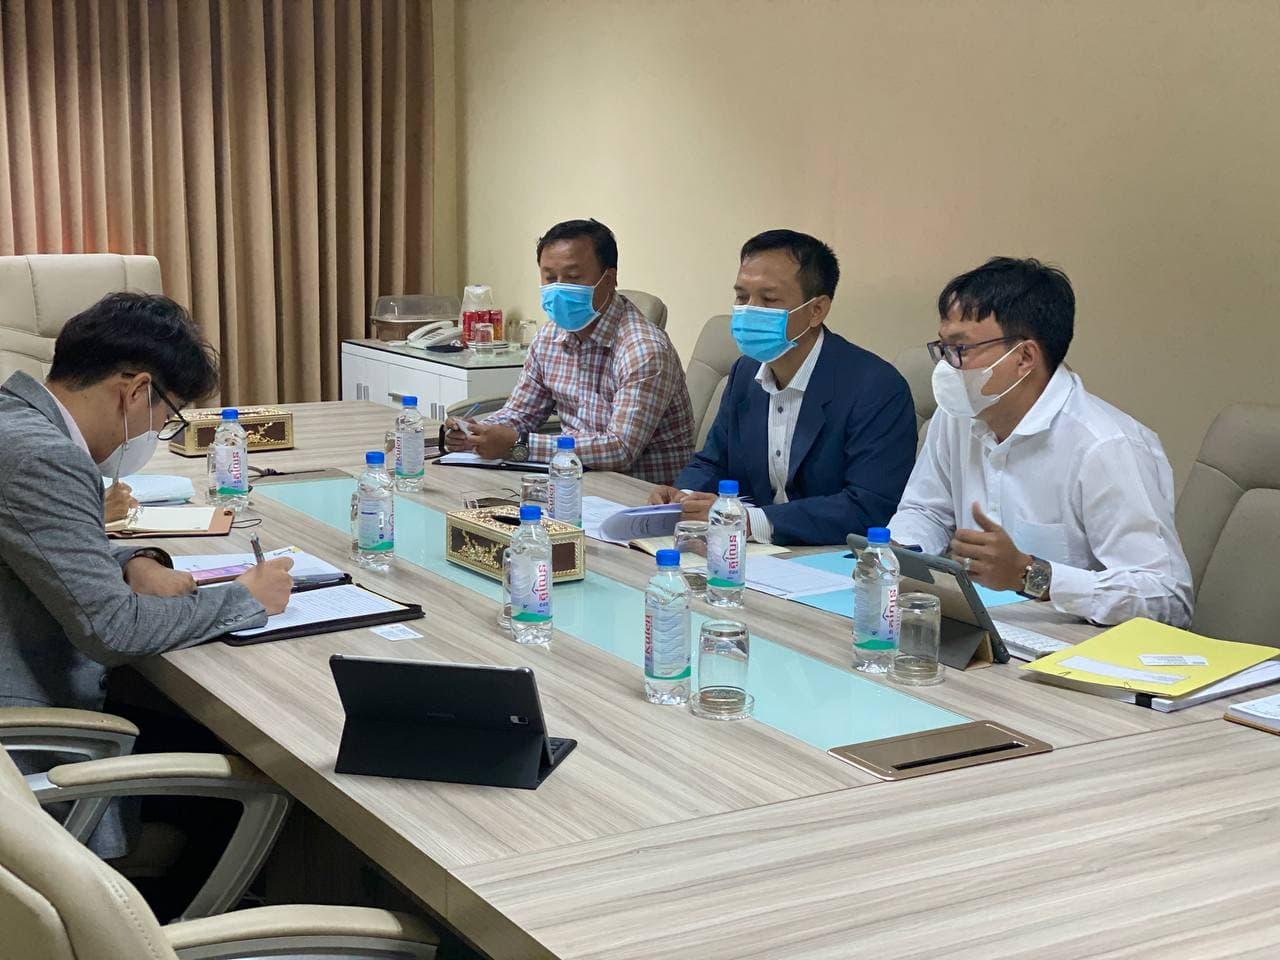 Meeting about e-public procurement20210114-2.jpg